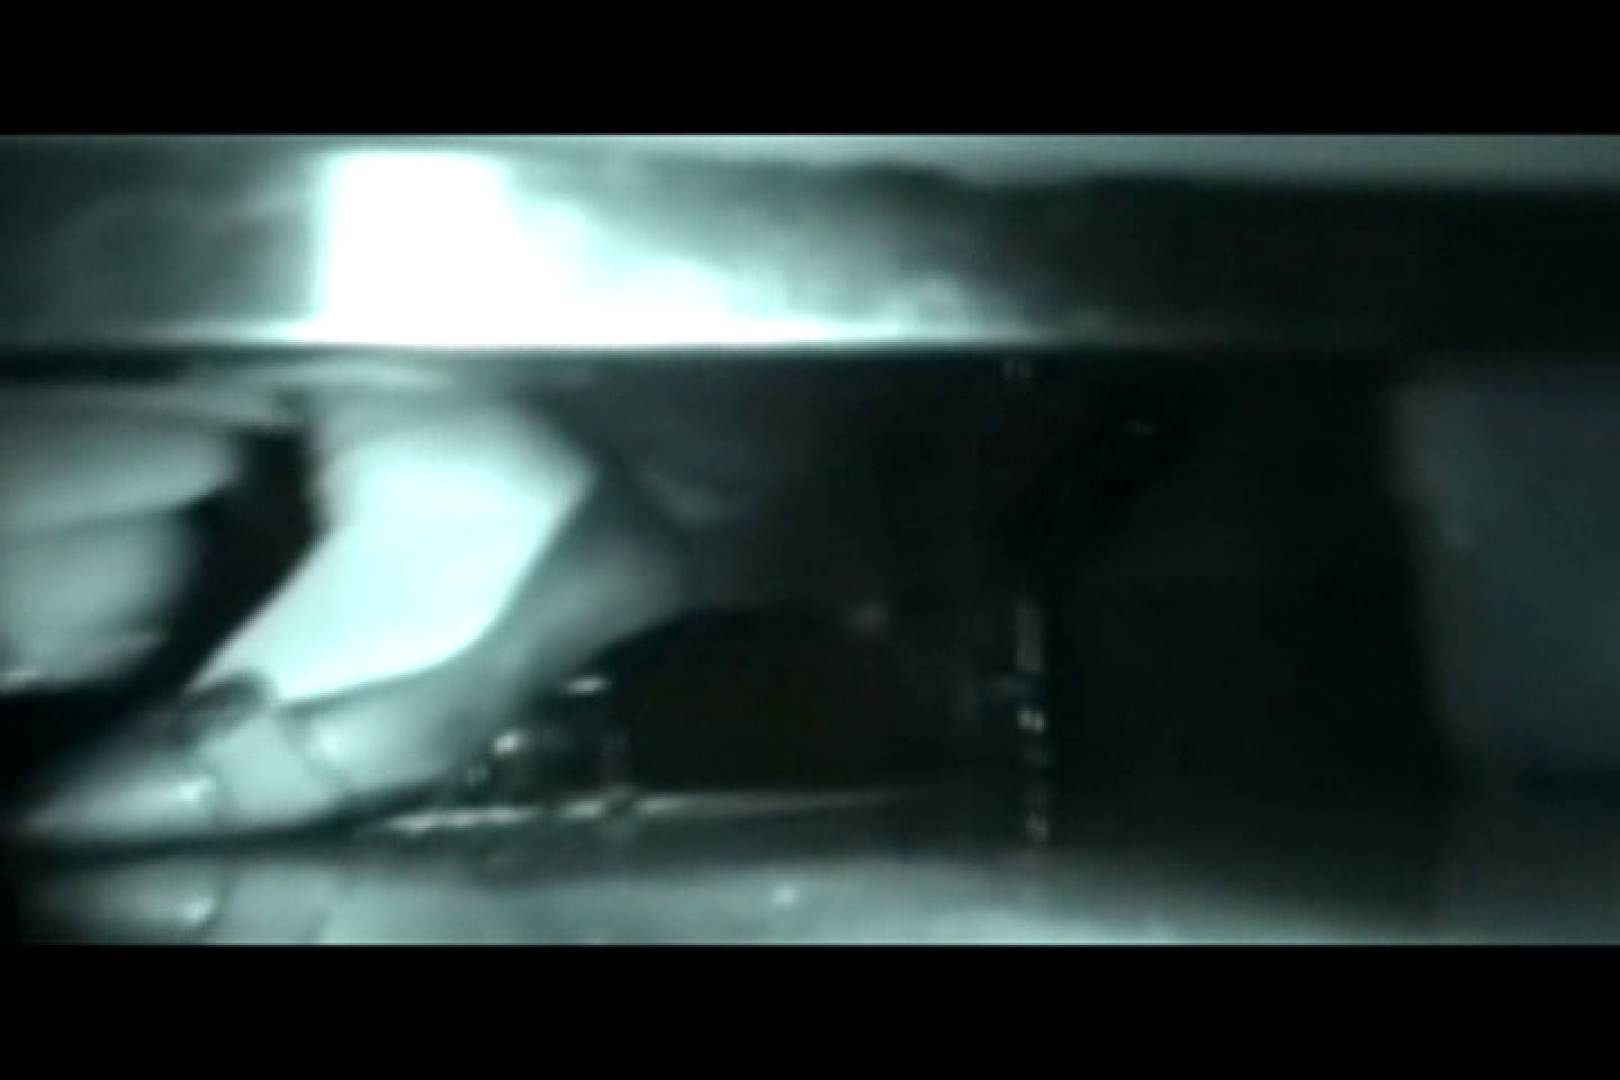 ぼっとん洗面所スペシャルVol.17 洗面所 覗きワレメ動画紹介 74PICs 65